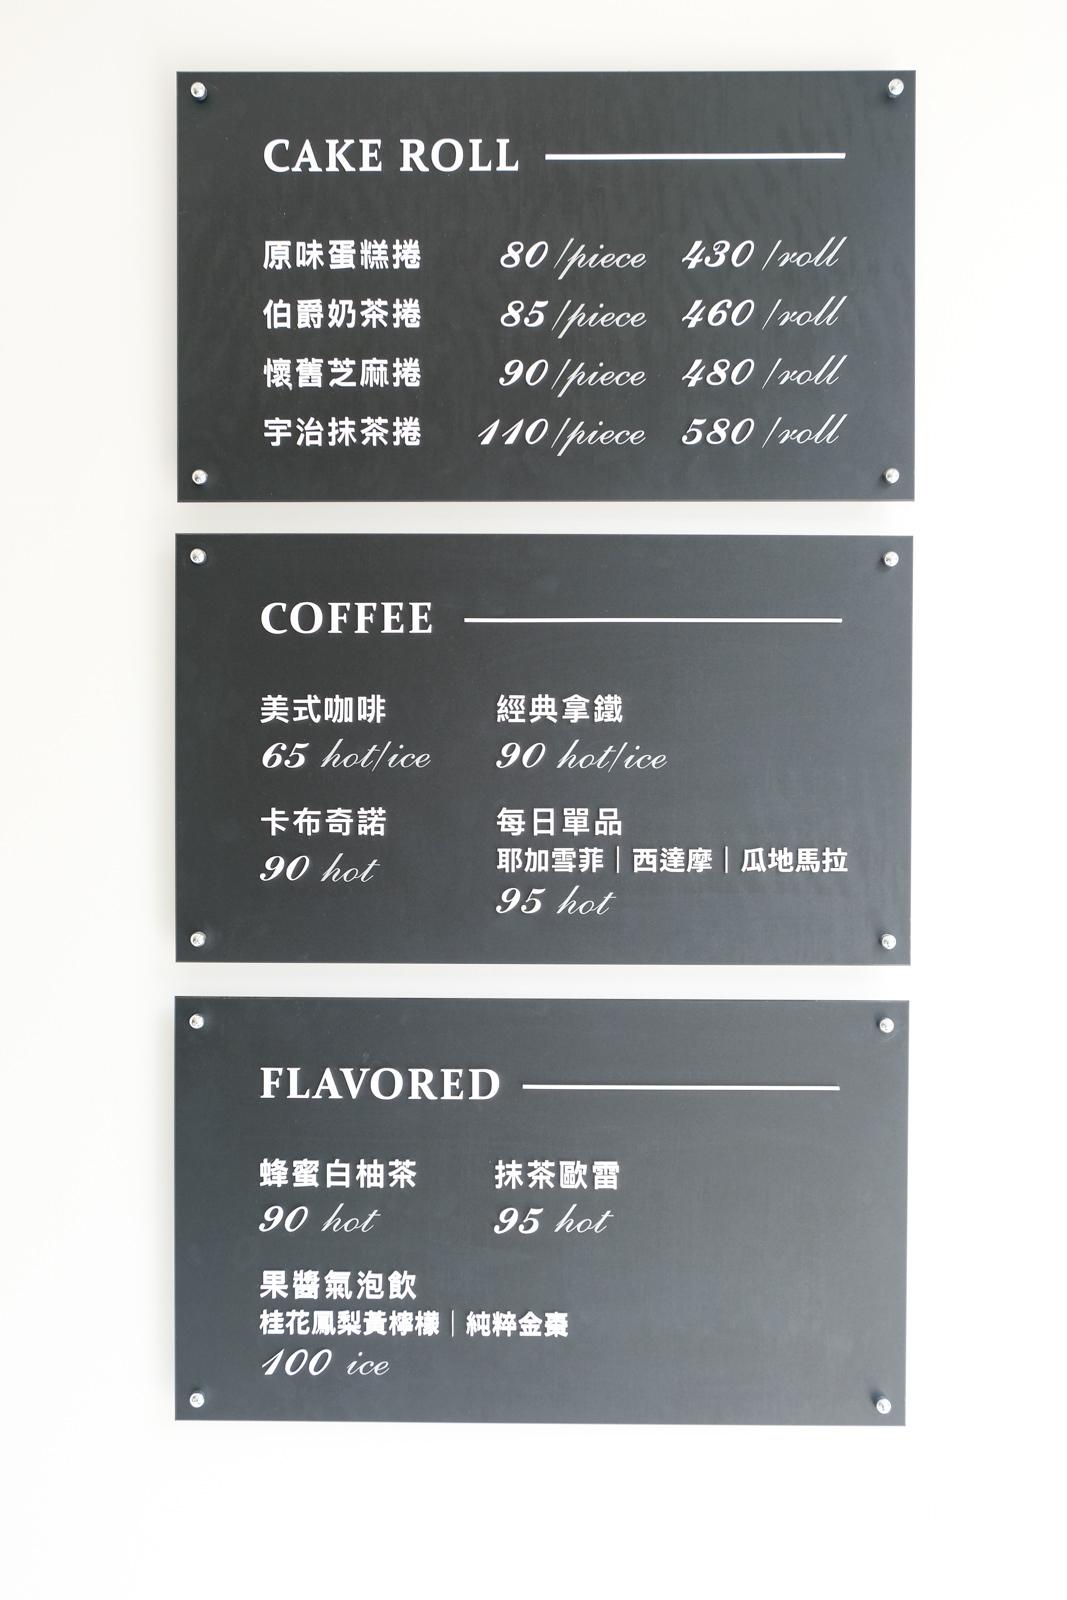 沐光樹手感蛋糕捲專賣店 Sunny Tree Cakeroll (4)